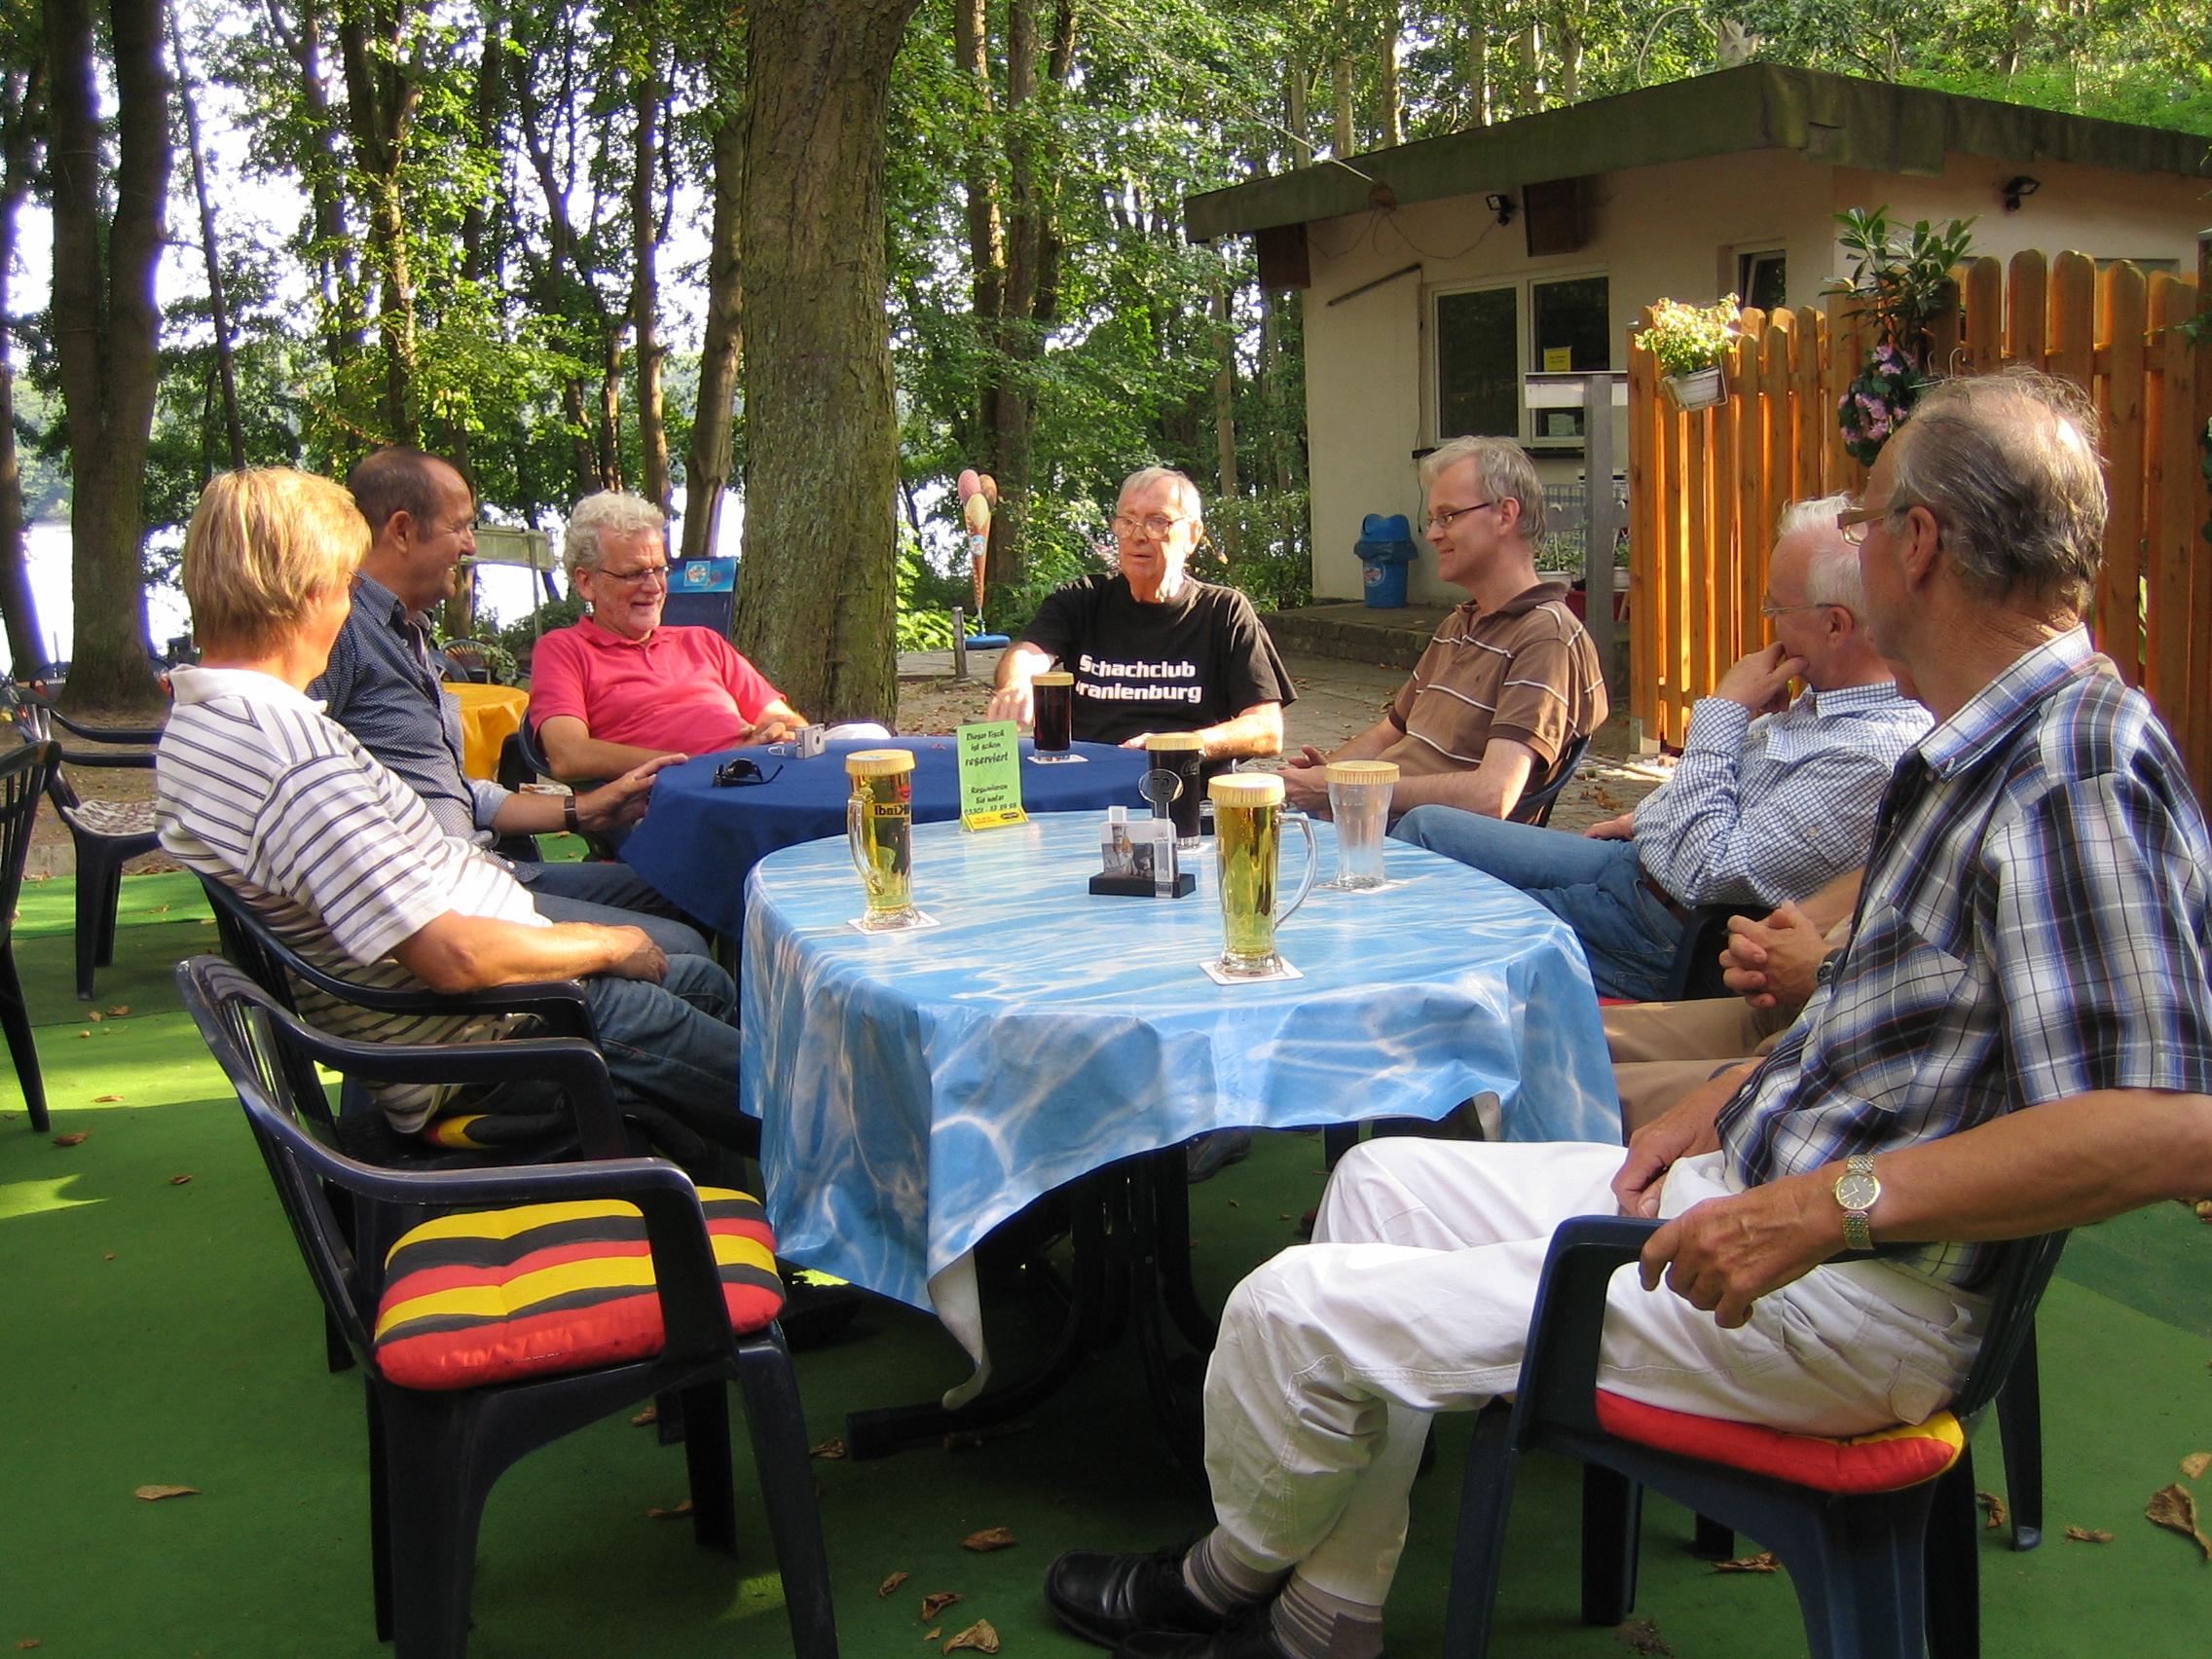 2009-Oranienburg-007-1